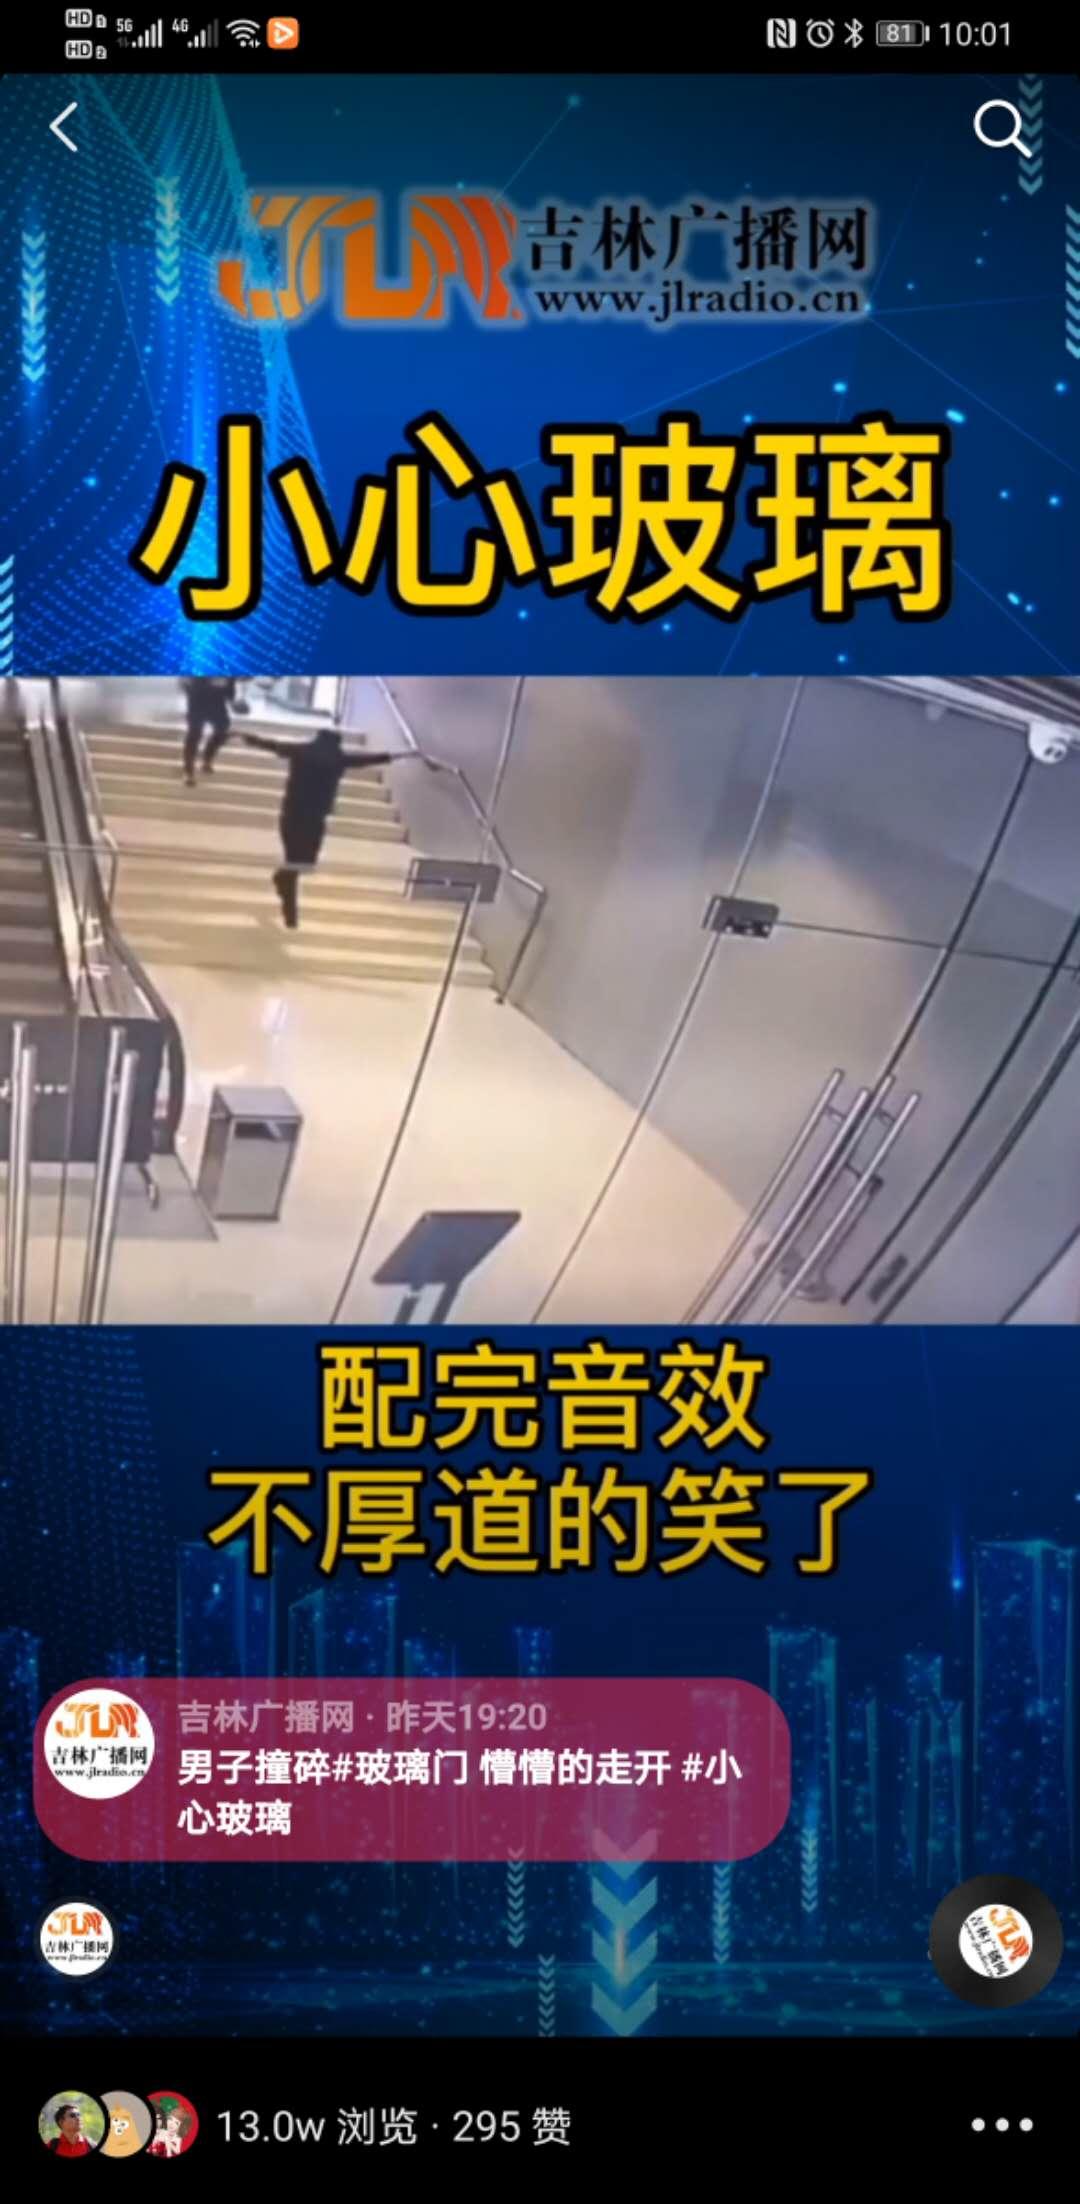 男子撞碎玻璃门 懵懵的走开 小心玻璃